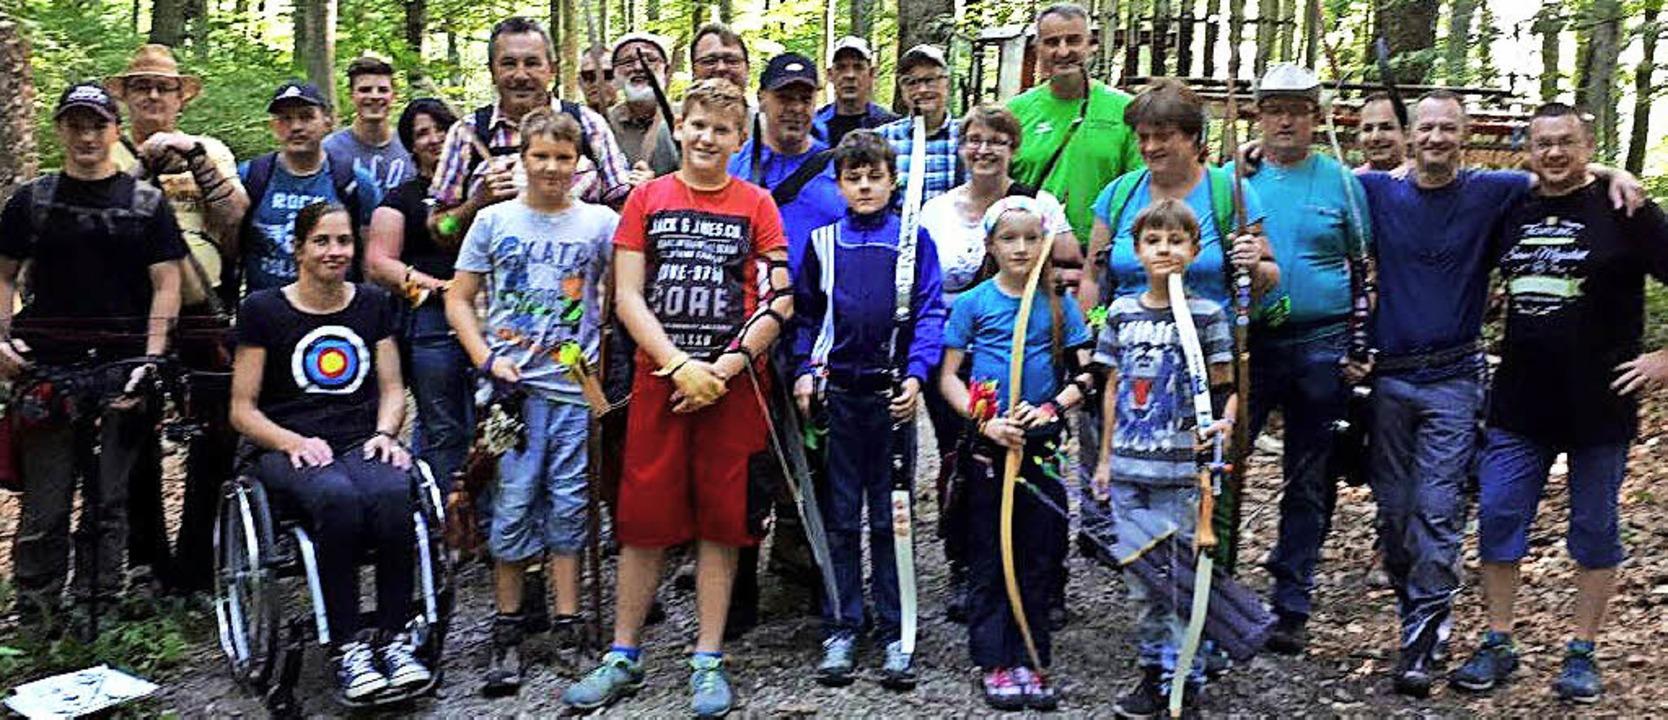 Die Teilnehmer des 3-D-Bogenturniers des Bogensportclubs Markgräflerland (BSCM)     Foto: Michael Schütz